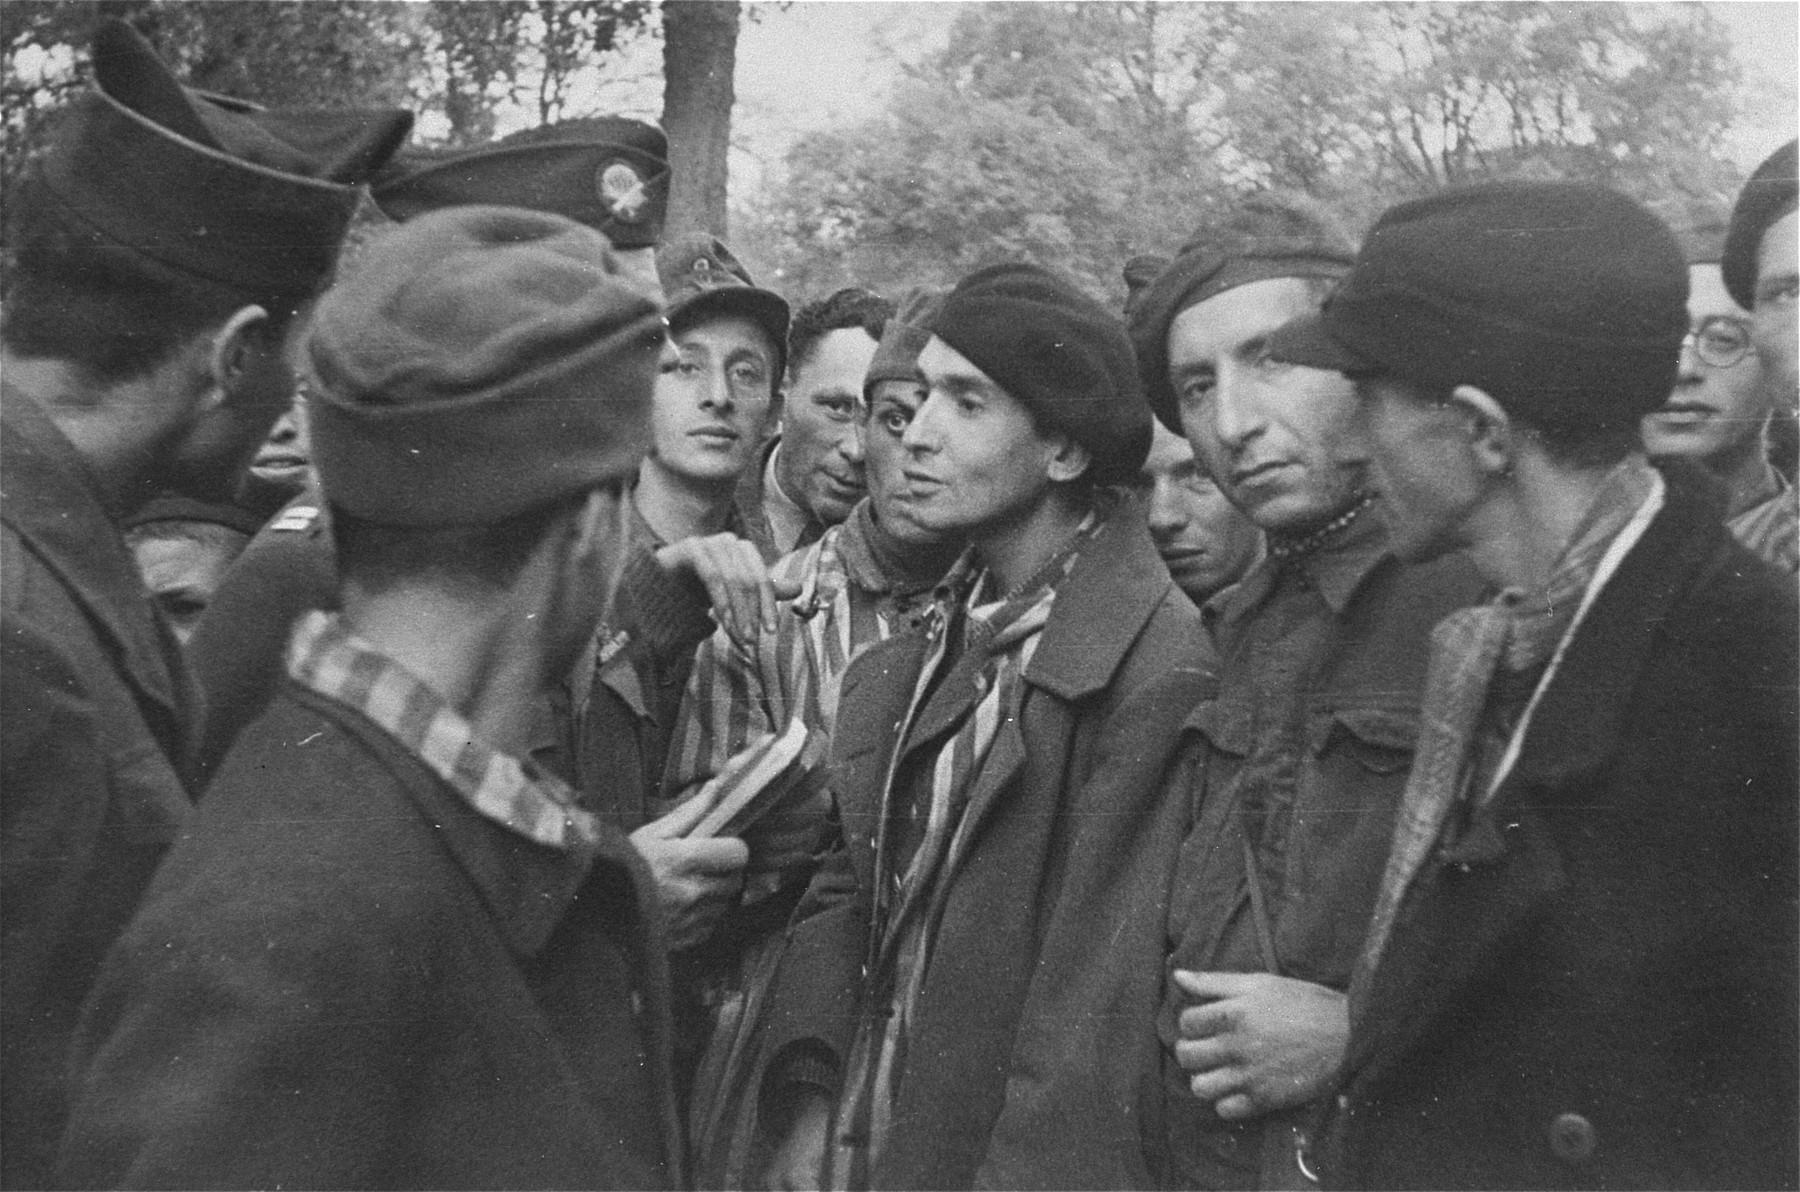 Survivors in Woebbelin speaking with their American liberators.